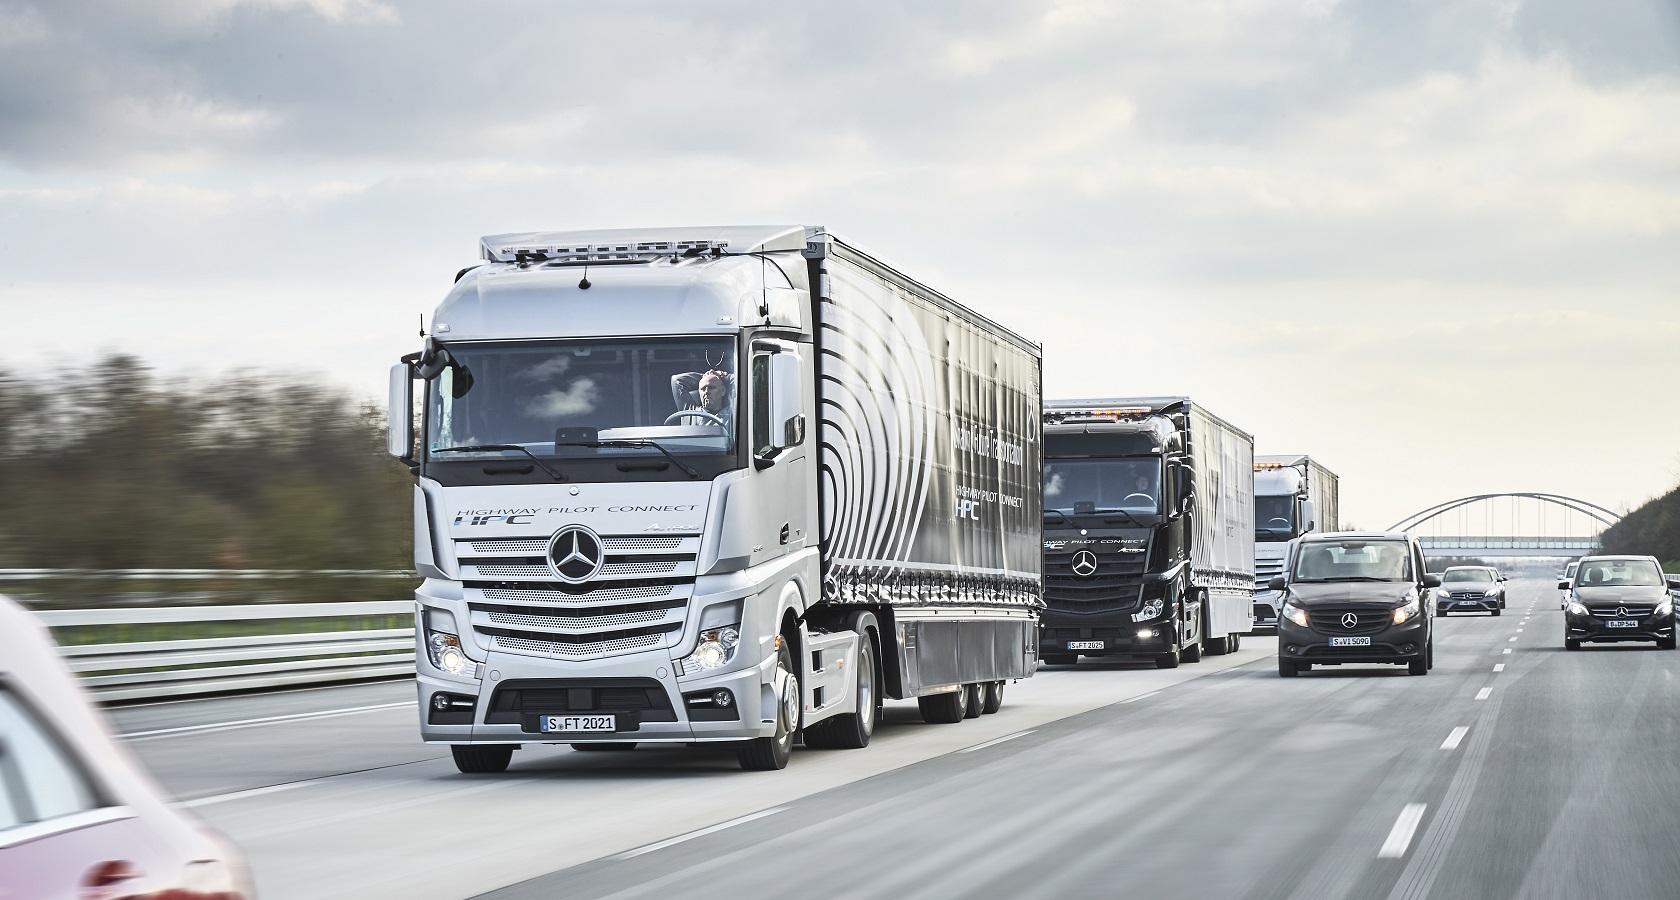 По данным KPMG, лучше всего подготовлены к внедрению беспилотного транспорта Нидерланды, Сингапур, США, Швеция и Великобритания (фото: Daimler Trucks)